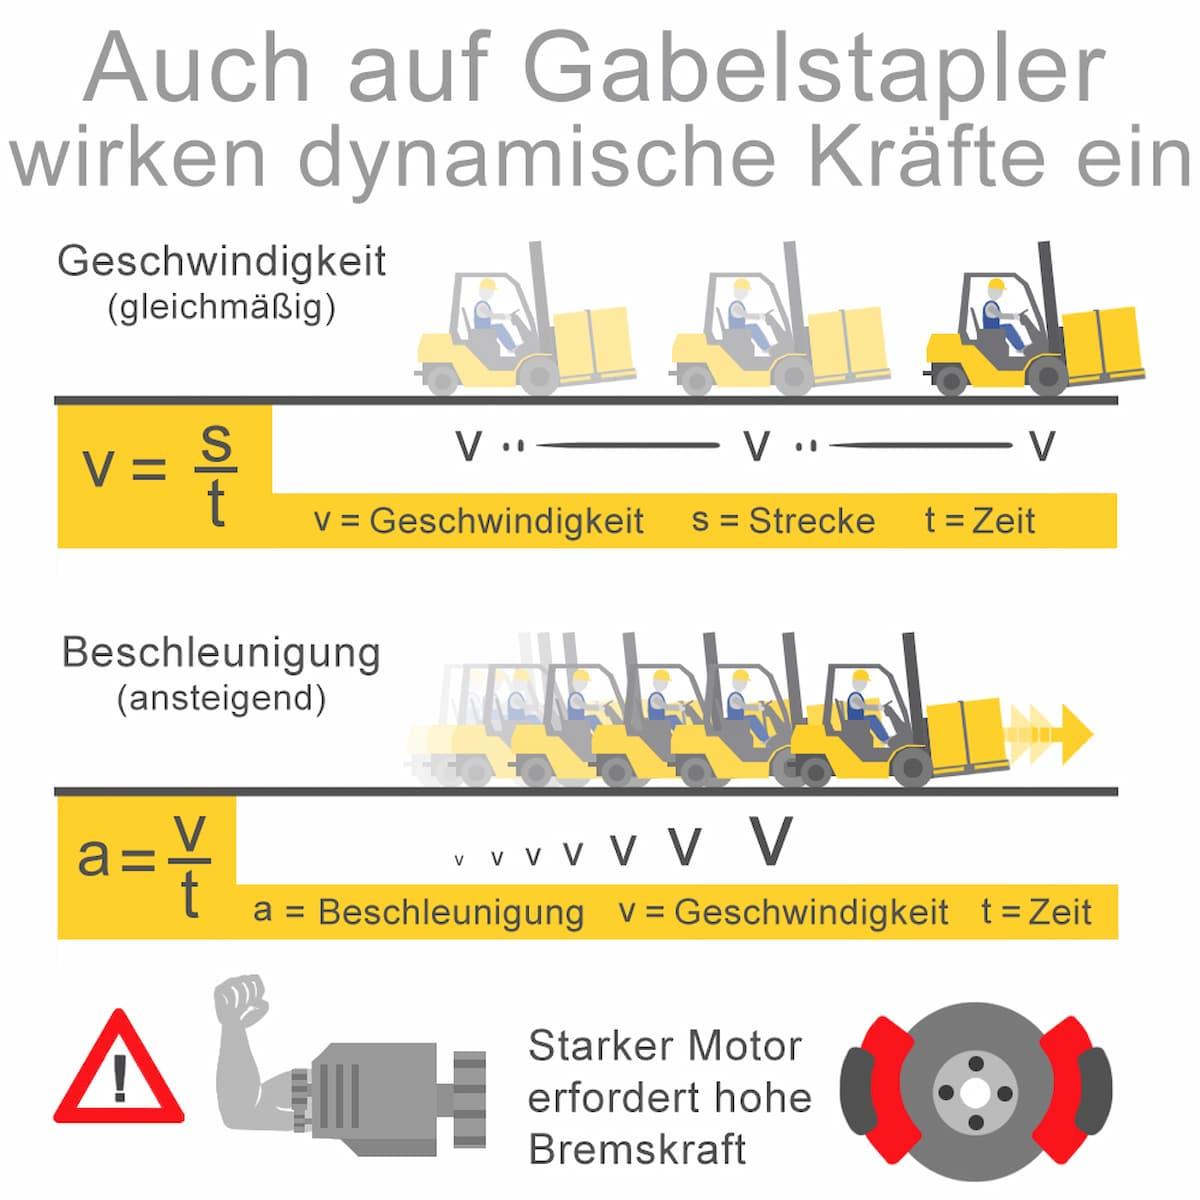 Nicht unterschätzen: Dynamische Kräfte beim Staplerfahren